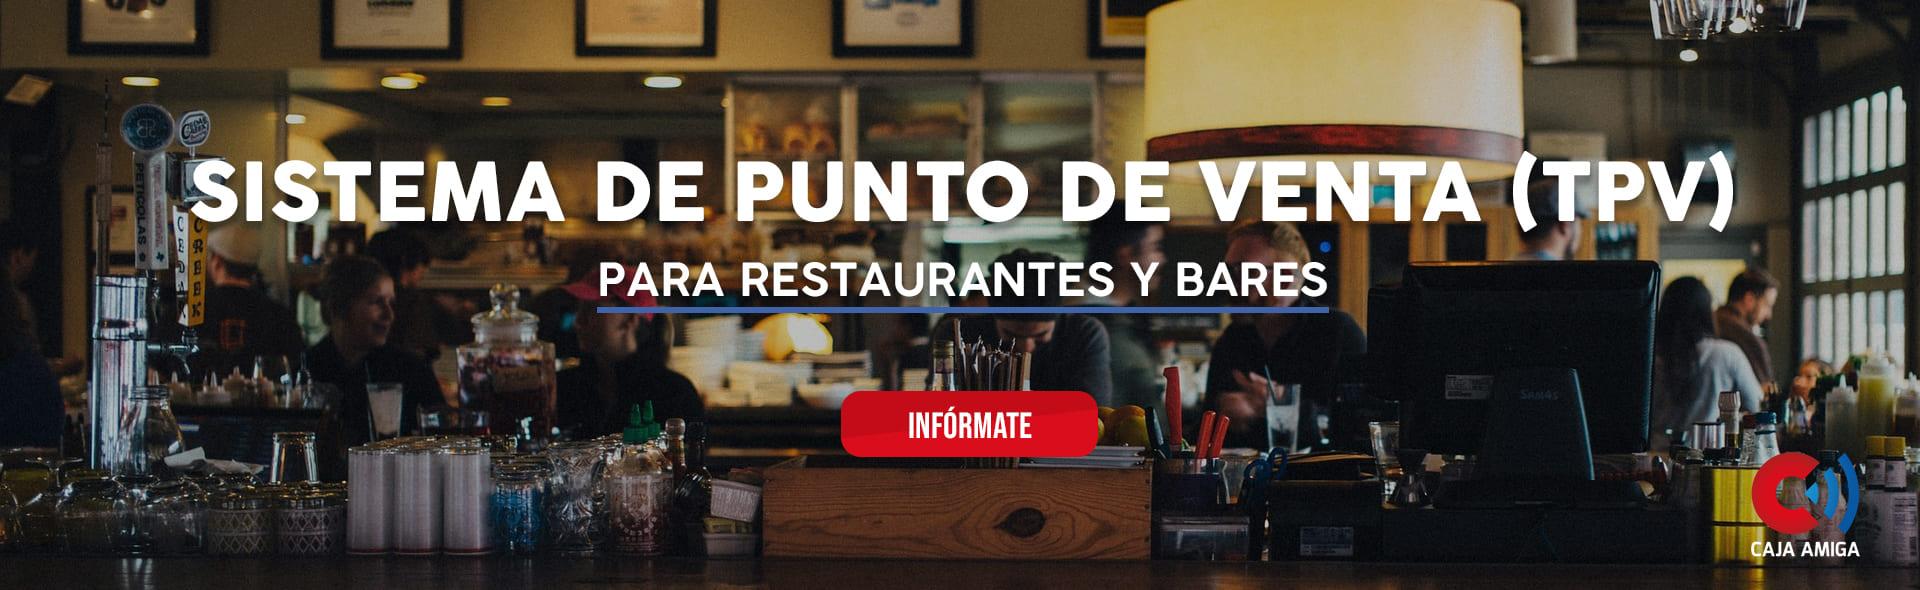 Informacion sobre sistema de punto de venta para bares y restaurantes